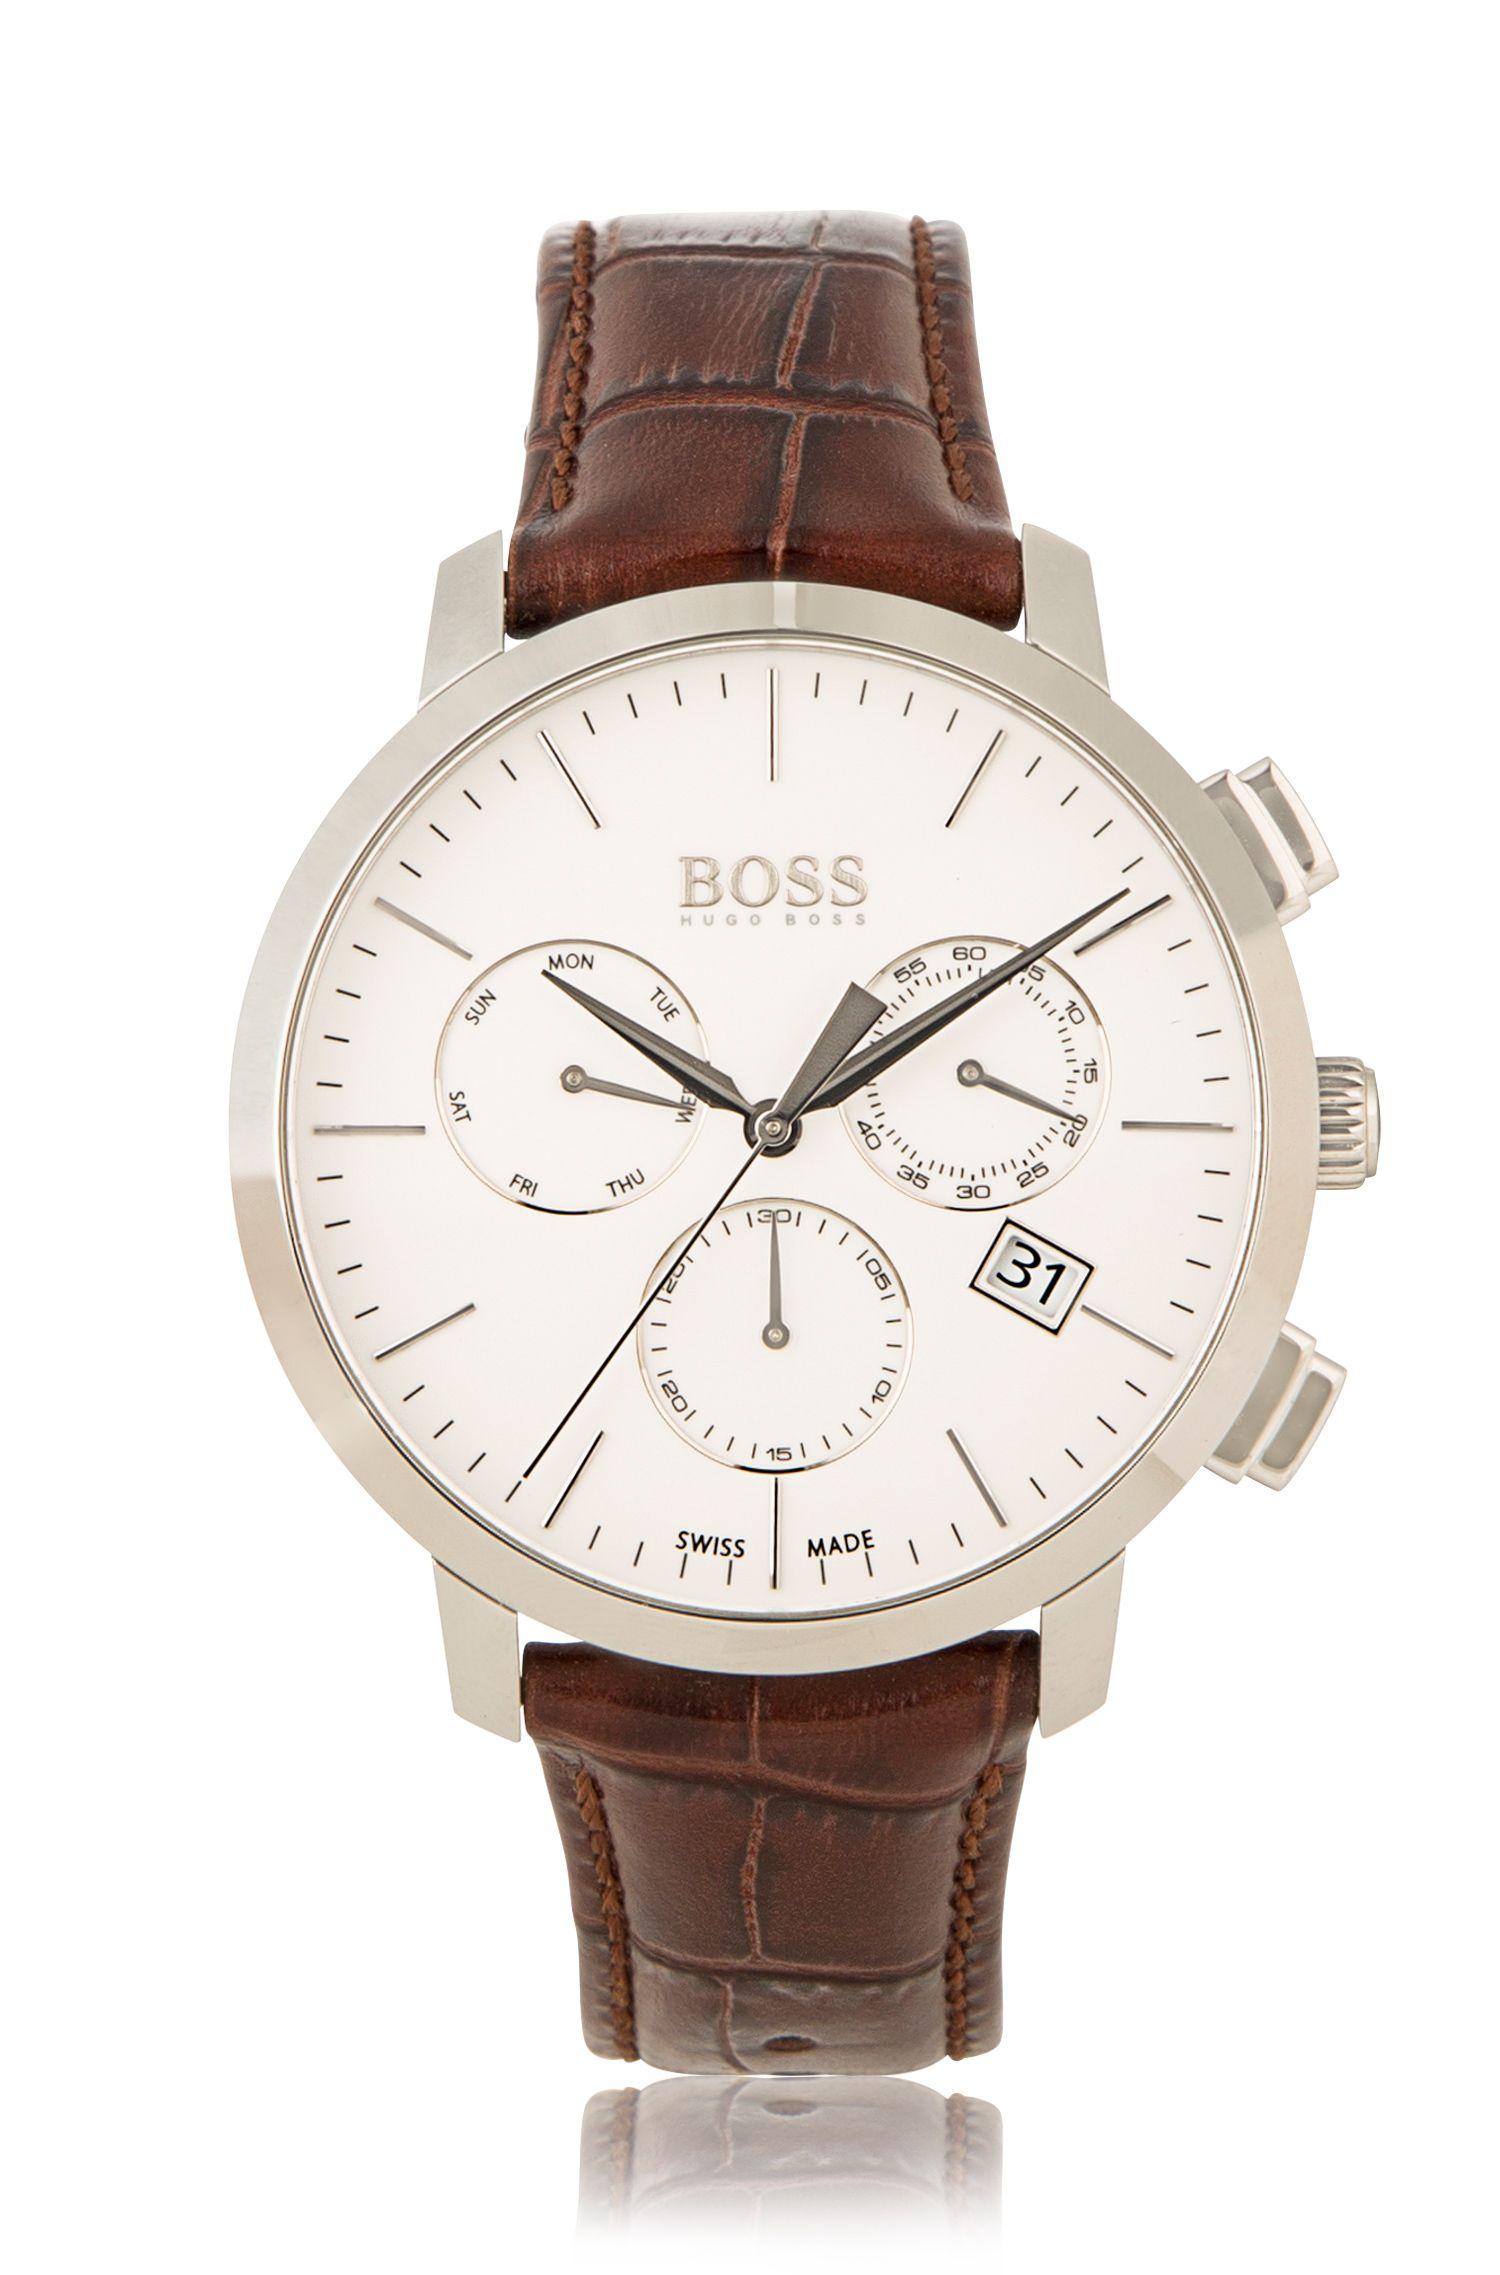 Cronografo con cassa in acciaio inox e cinturino in pelle stampata: 'Signature Timepiece'